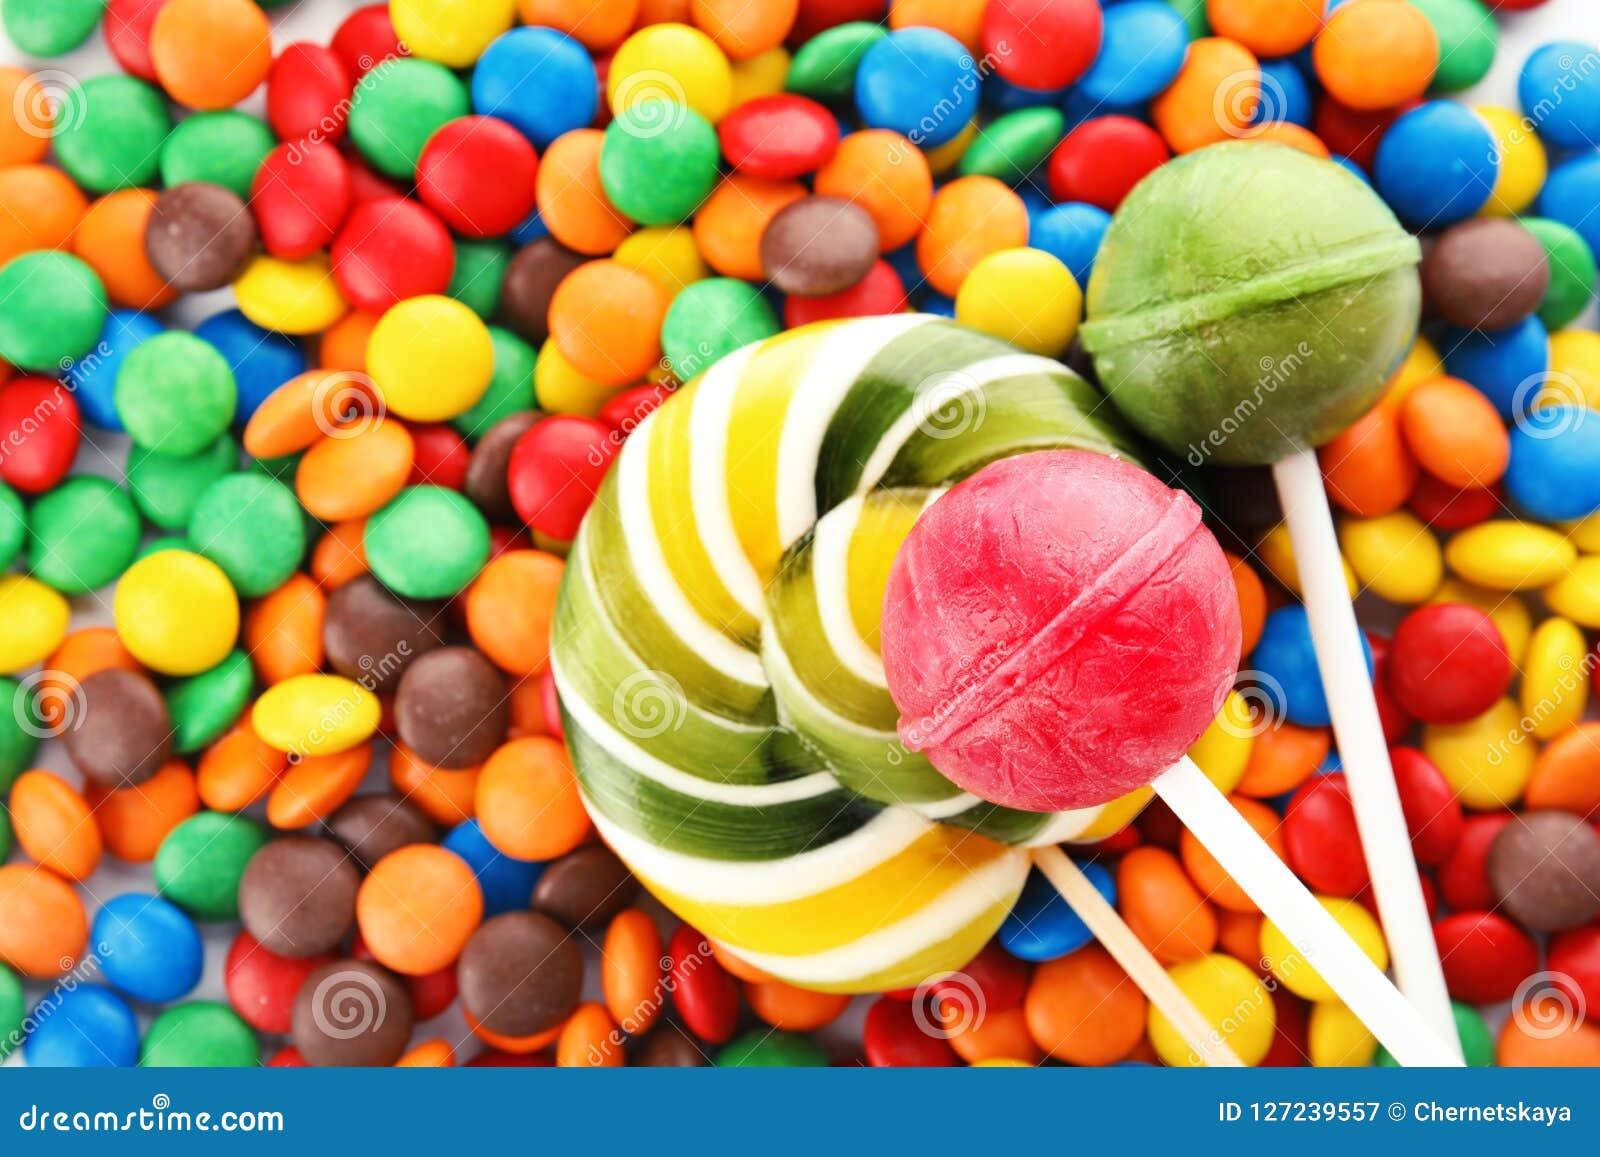 Lollys en kleurrijk suikergoed als achtergrond